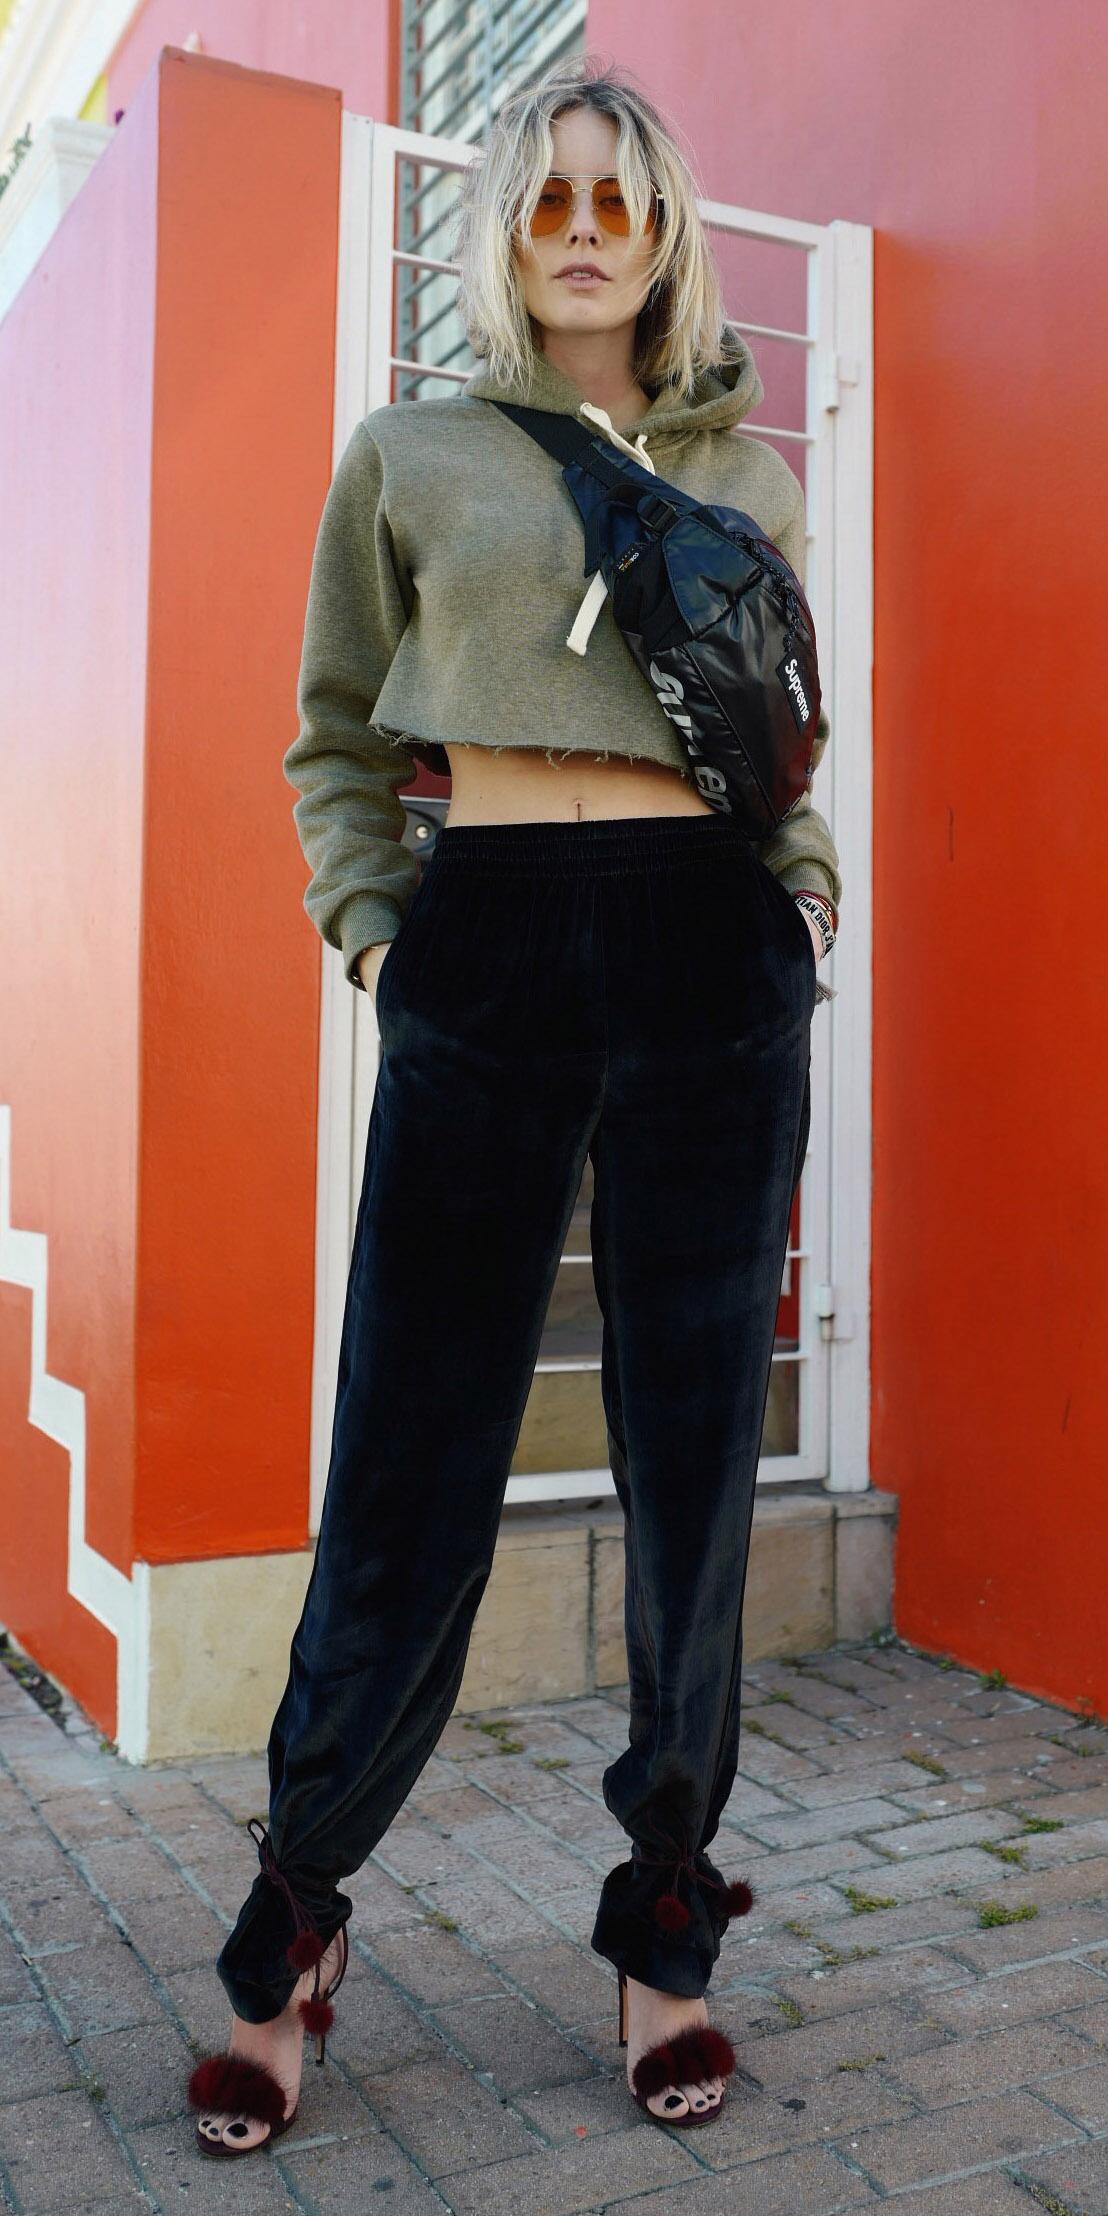 black-slim-pants-velvet-red-shoe-sandalh-green-olive-sweater-sweatshirt-hoodie-black-bag-fannypack-blonde-sun-fall-winter-lunch.jpg